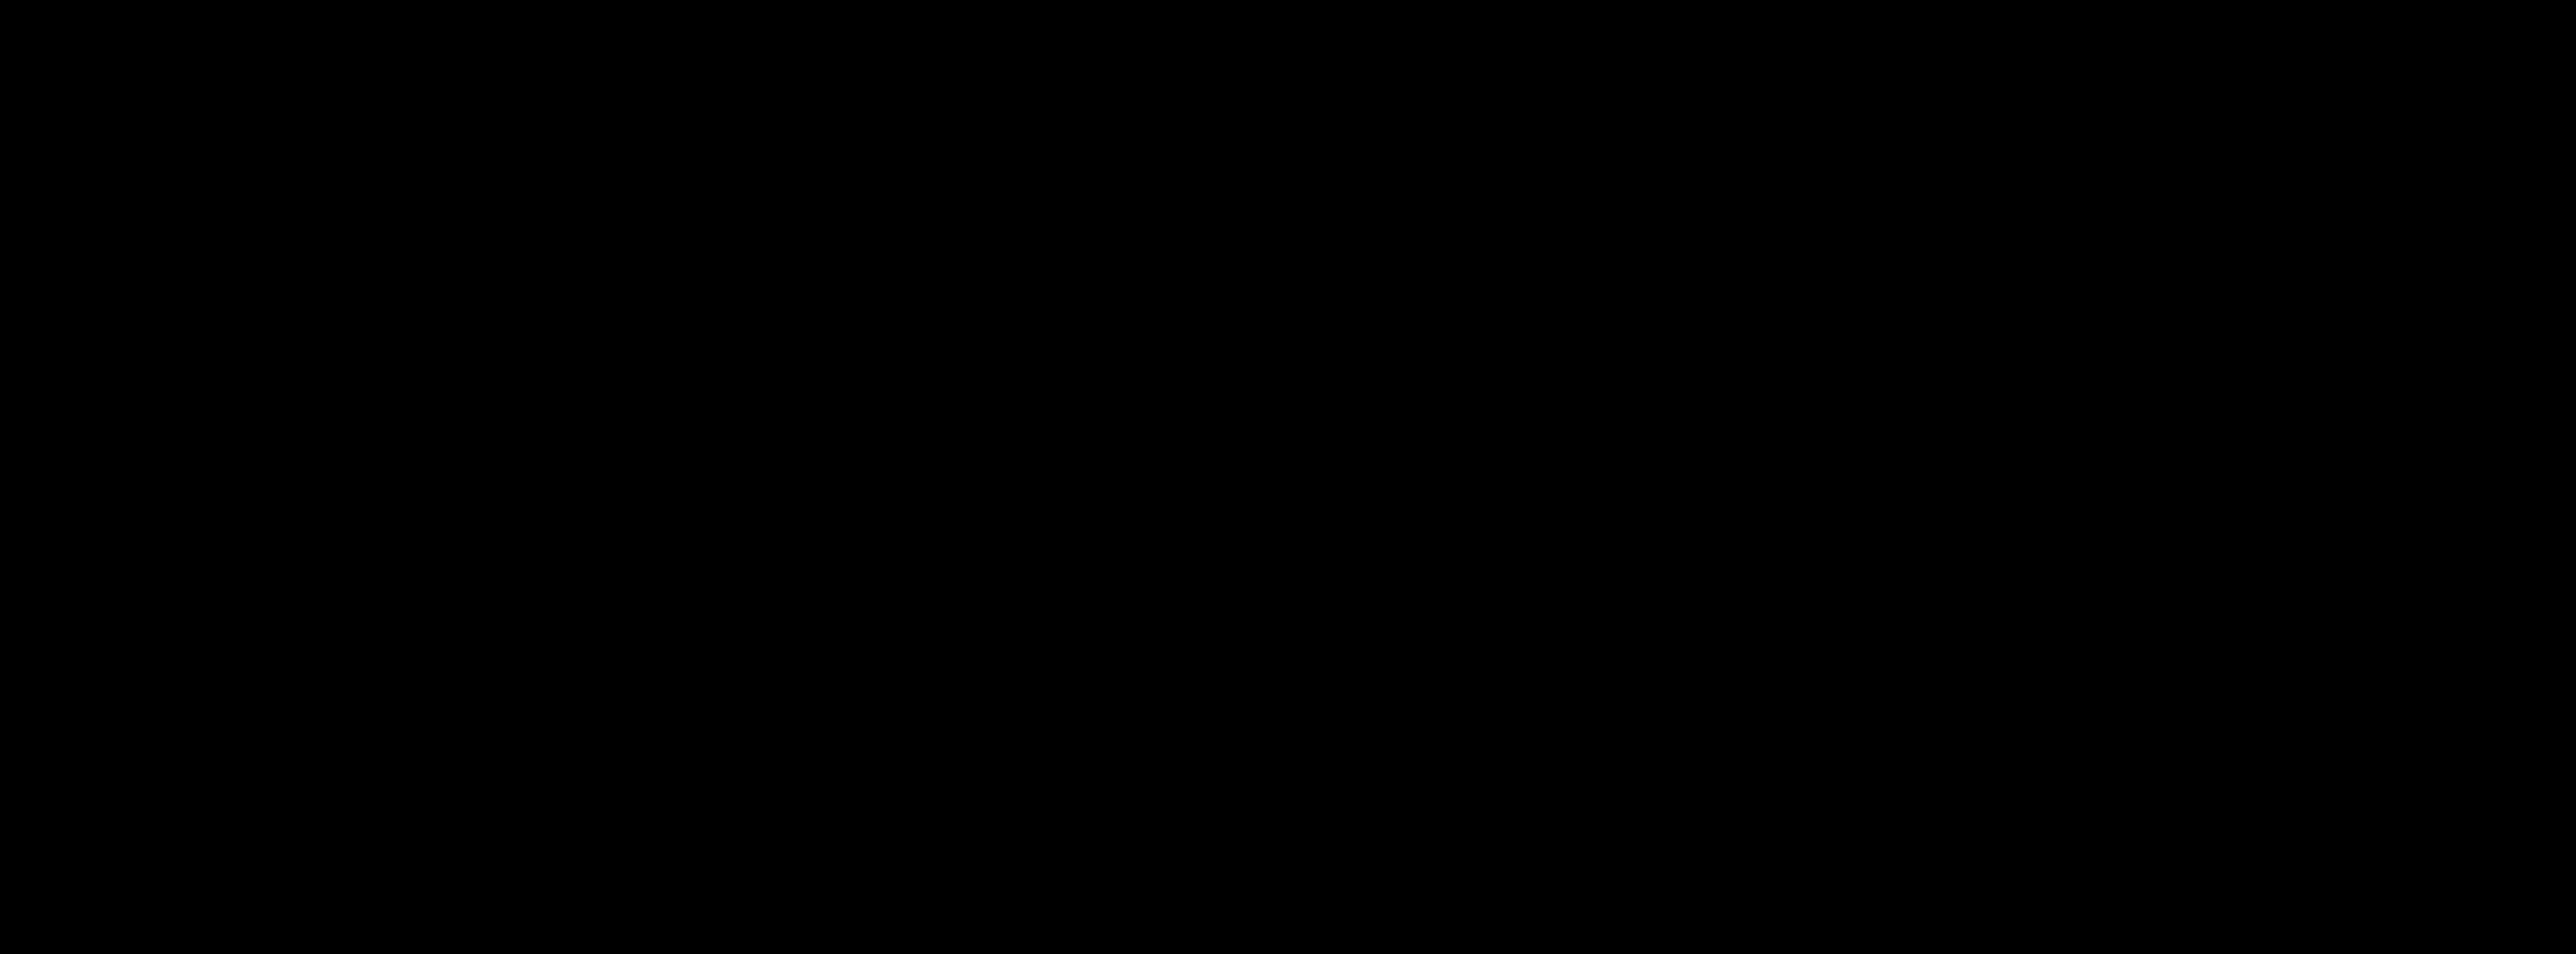 OUQ - Appel à candidatures – Compilation des projets novateurs en urbanisme 2019